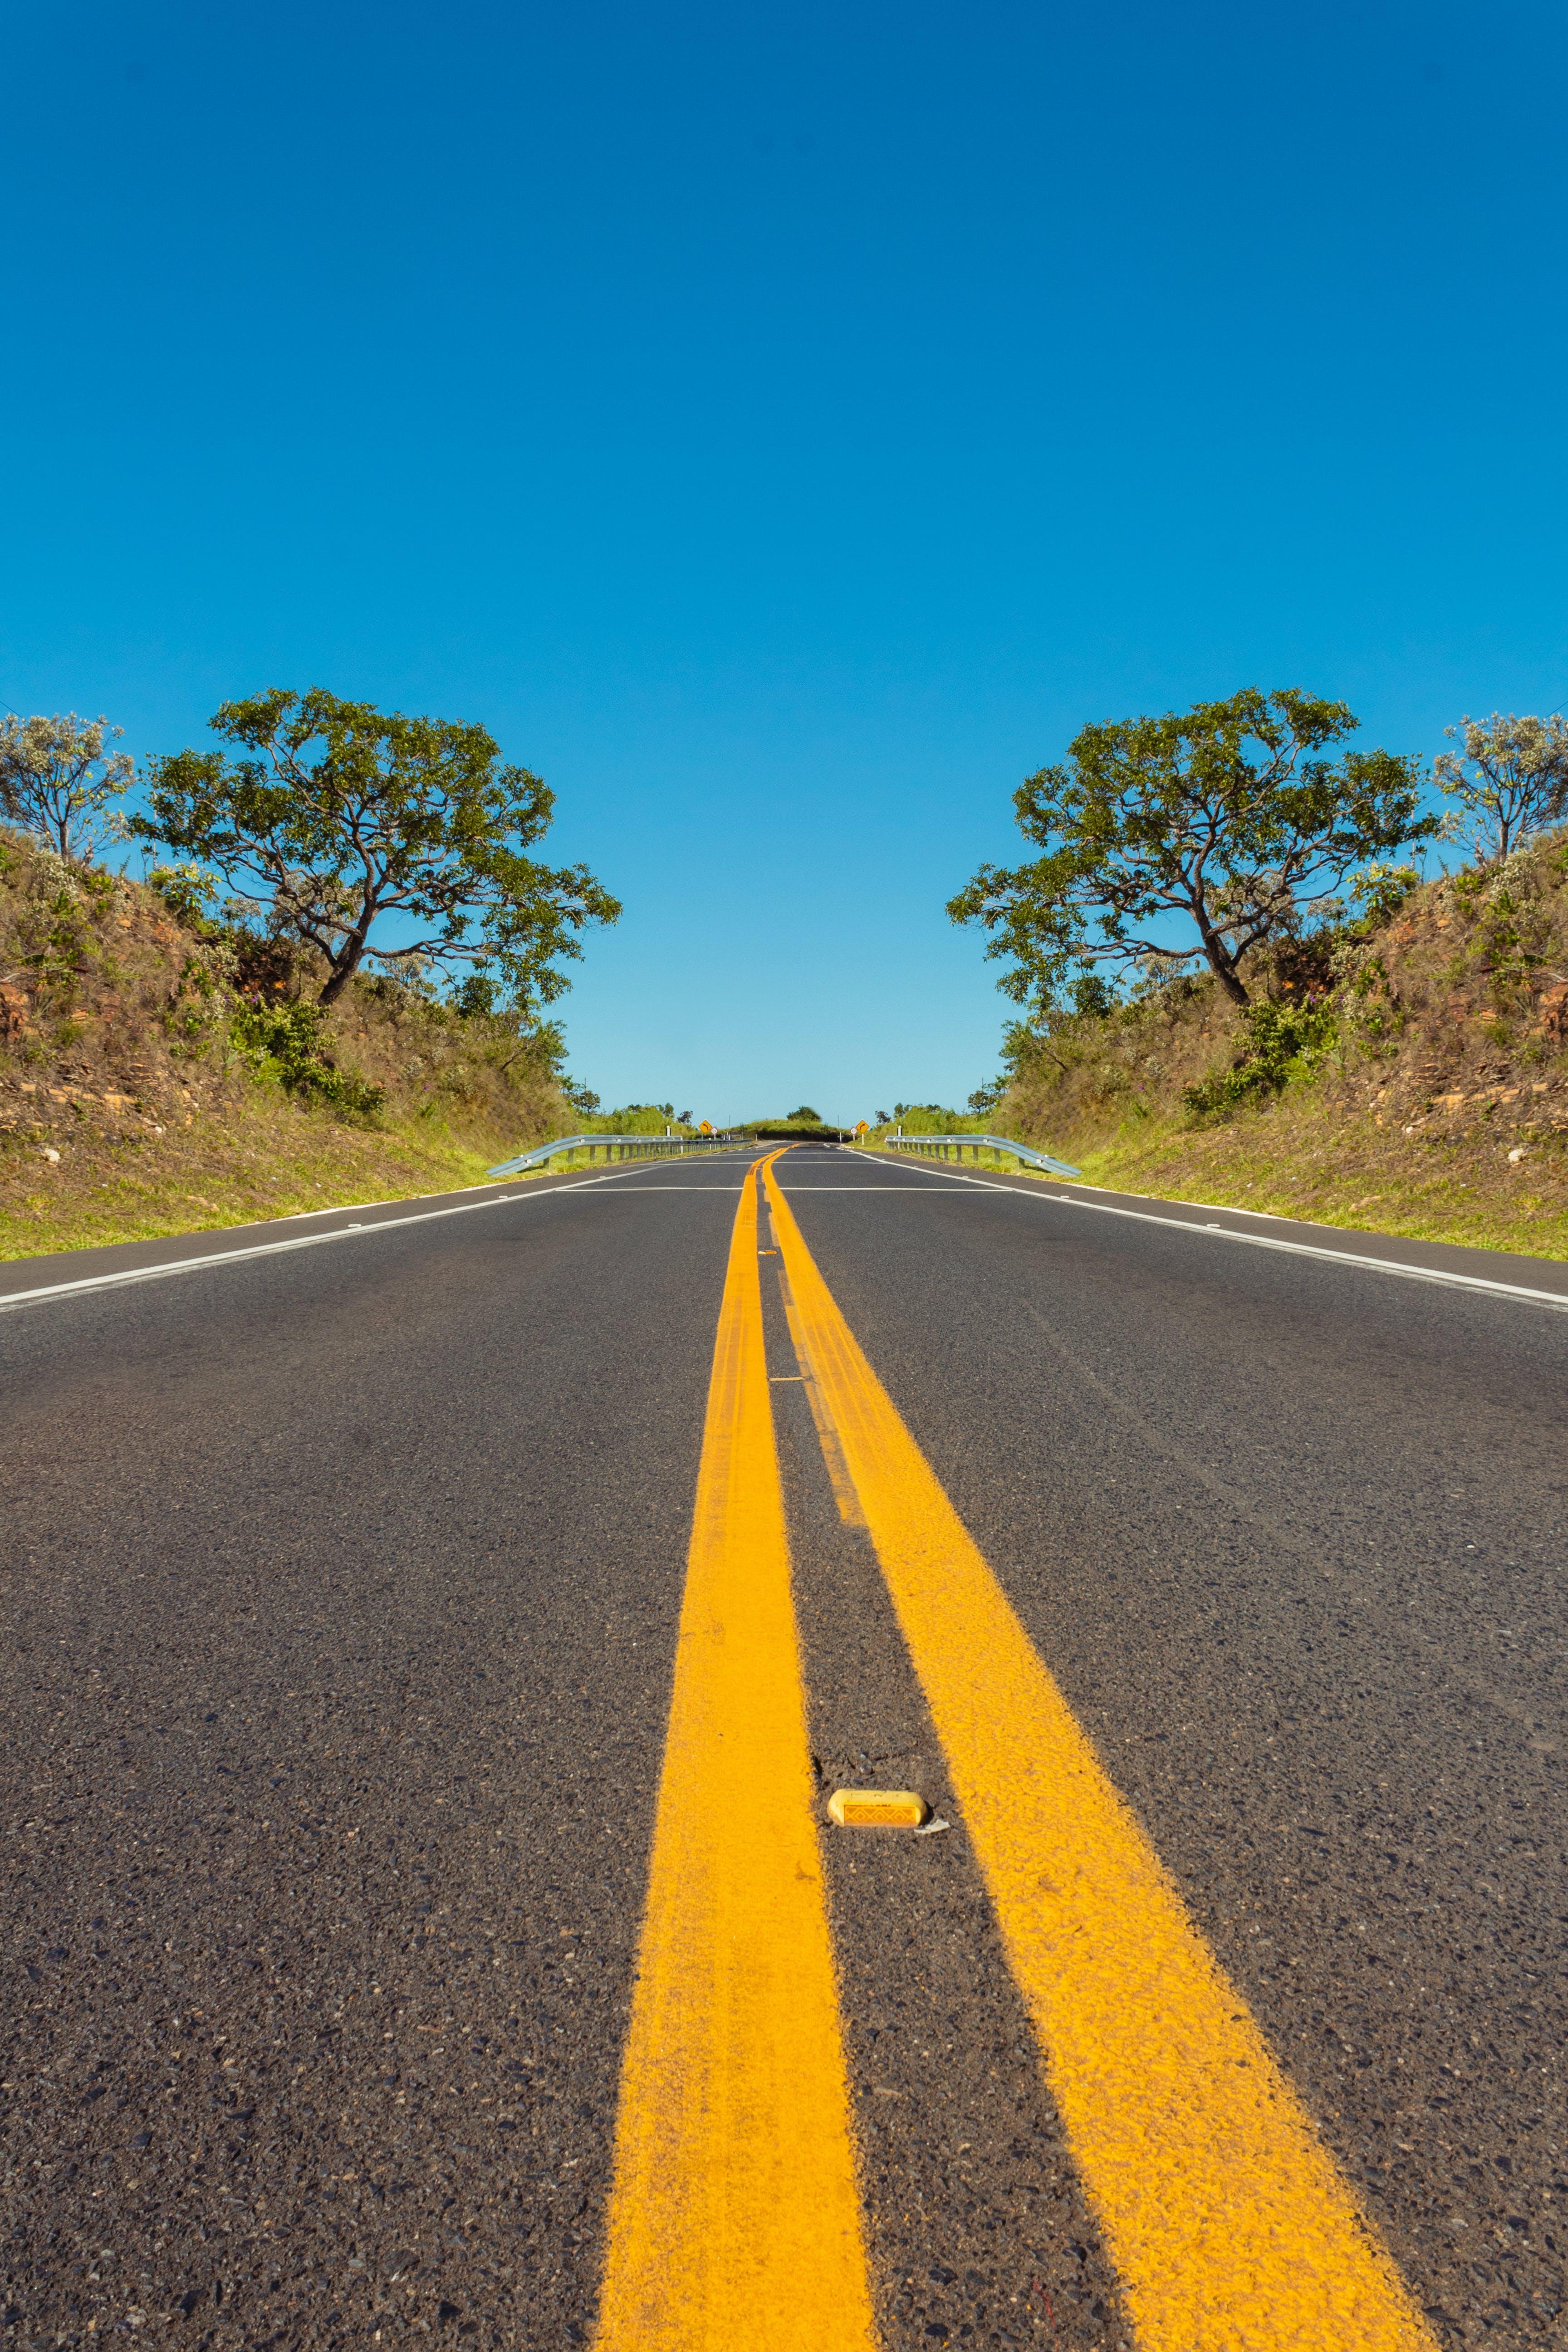 Kostenloses Stock Foto zu asphalt, autobahn, bäume, blauer himmel